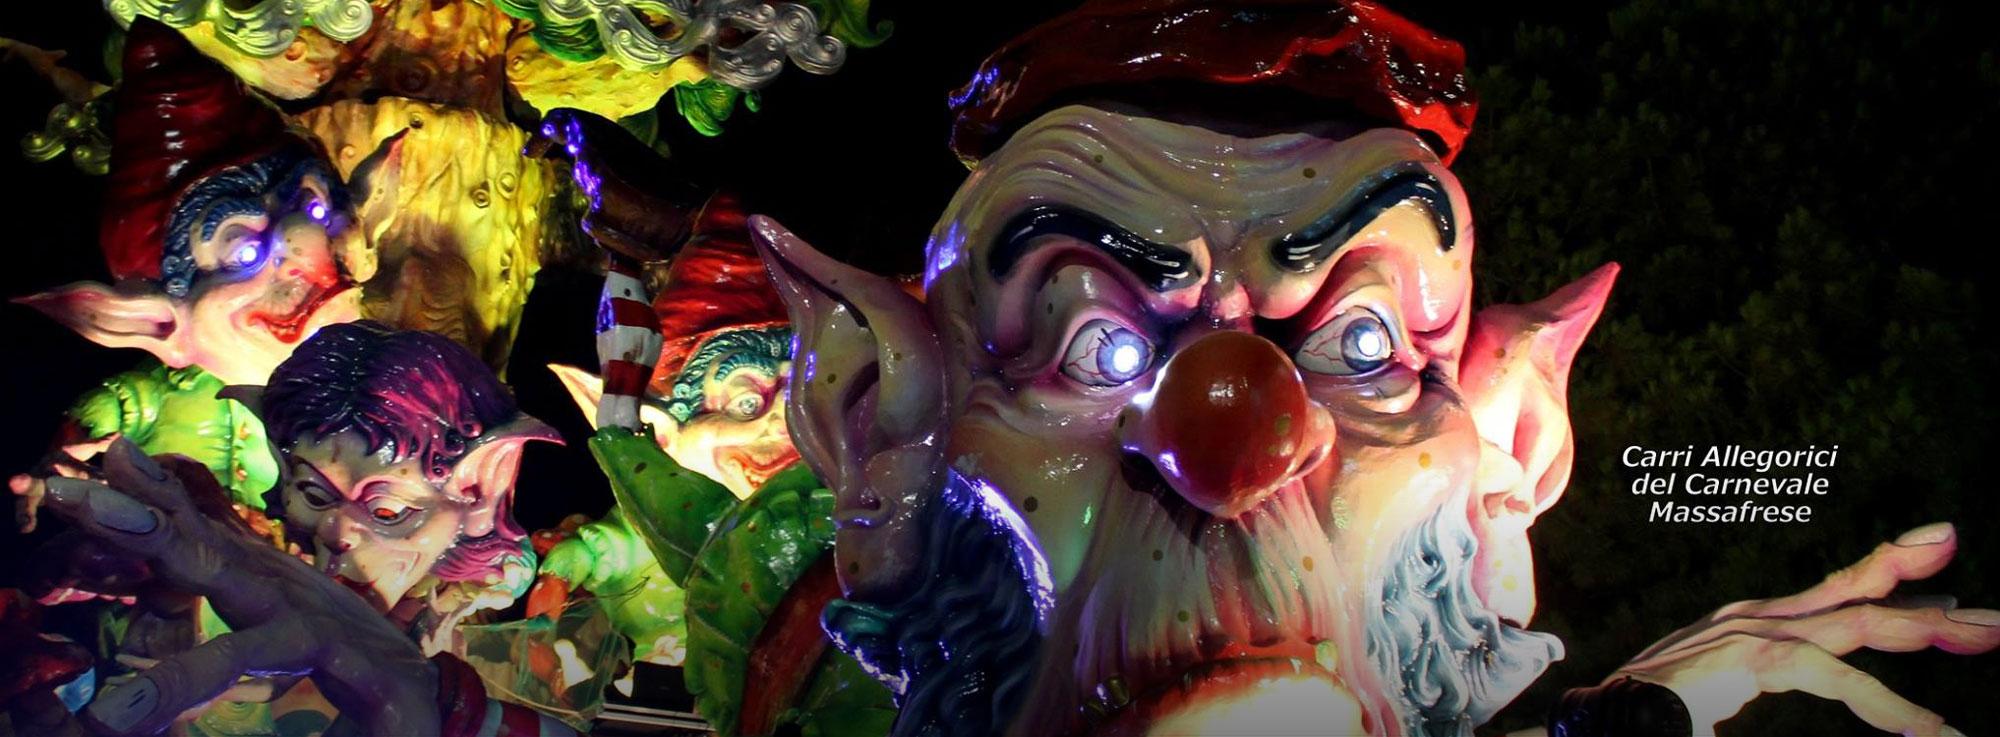 Massafra: Carnevale di Massafra - 67^ edizione